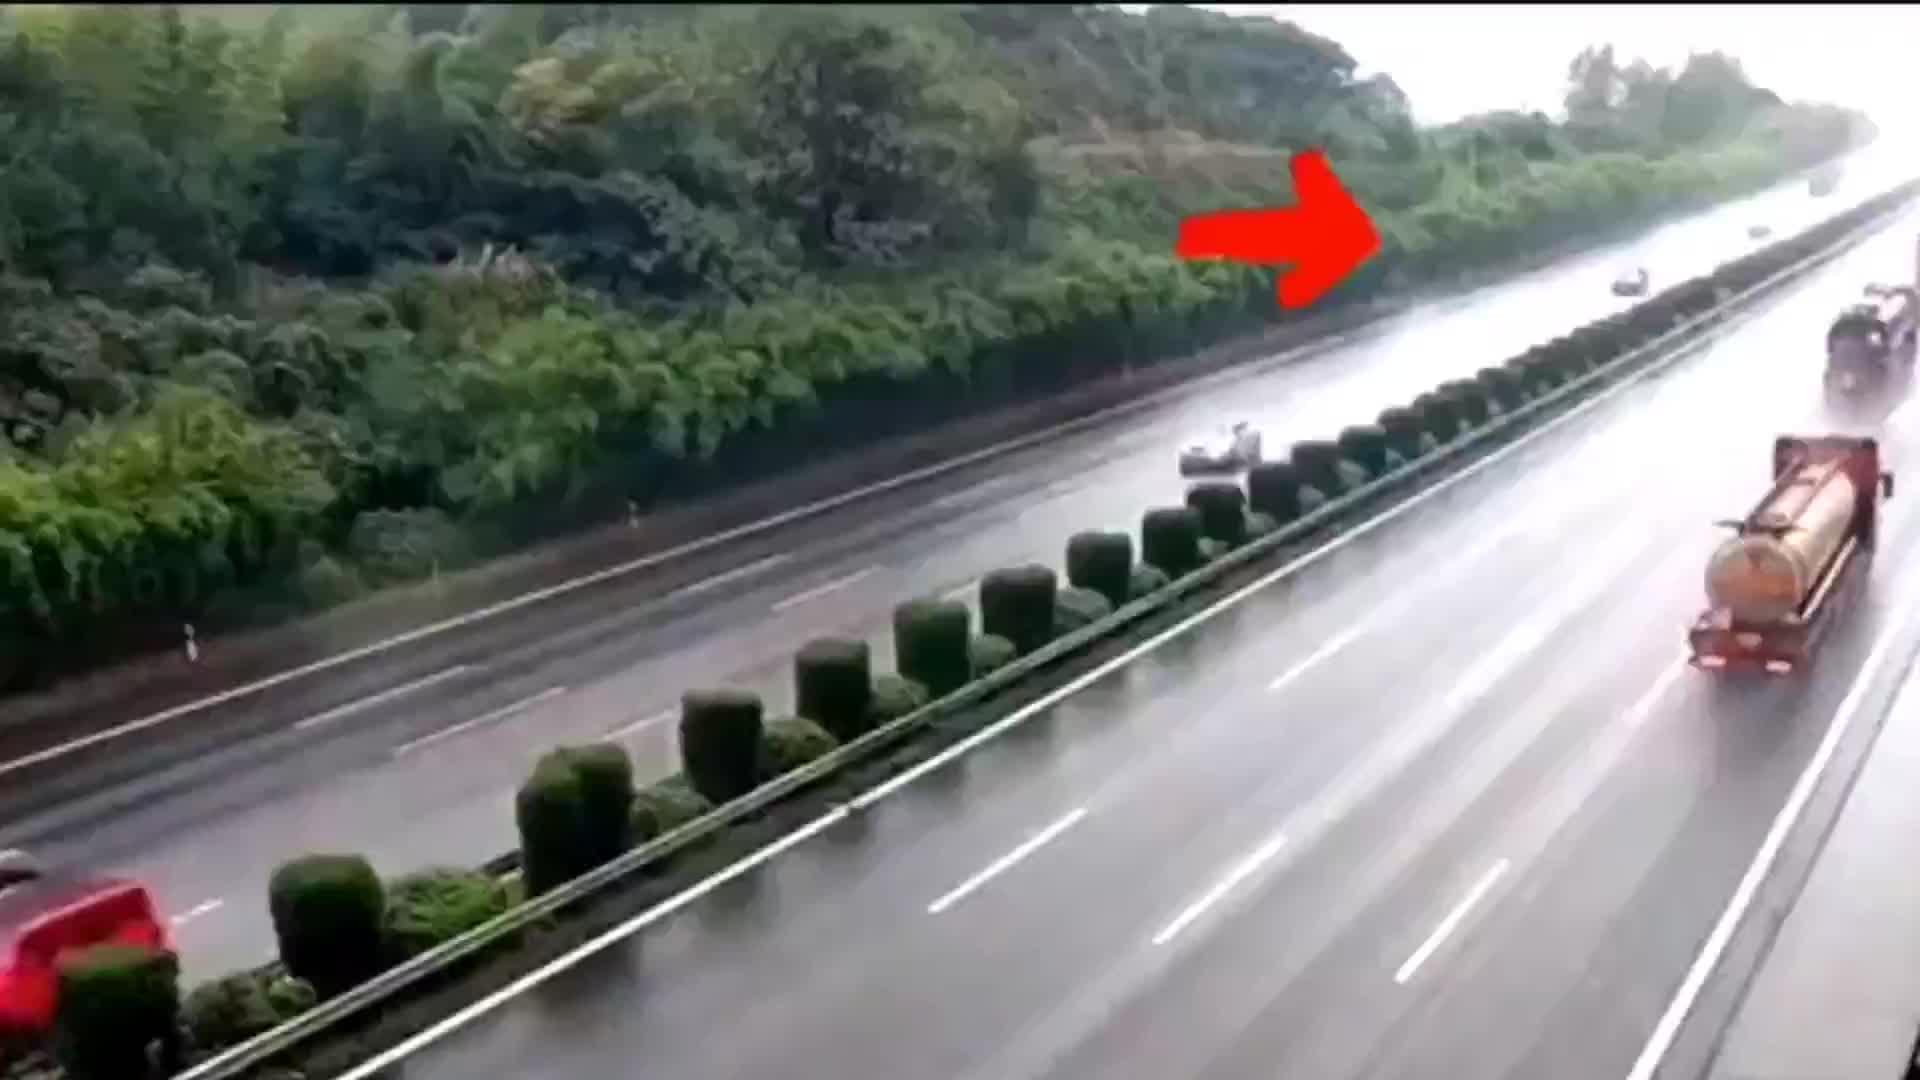 高速路上爆胎,皮卡车失控撞护栏后疯狂打转车头撞烂!